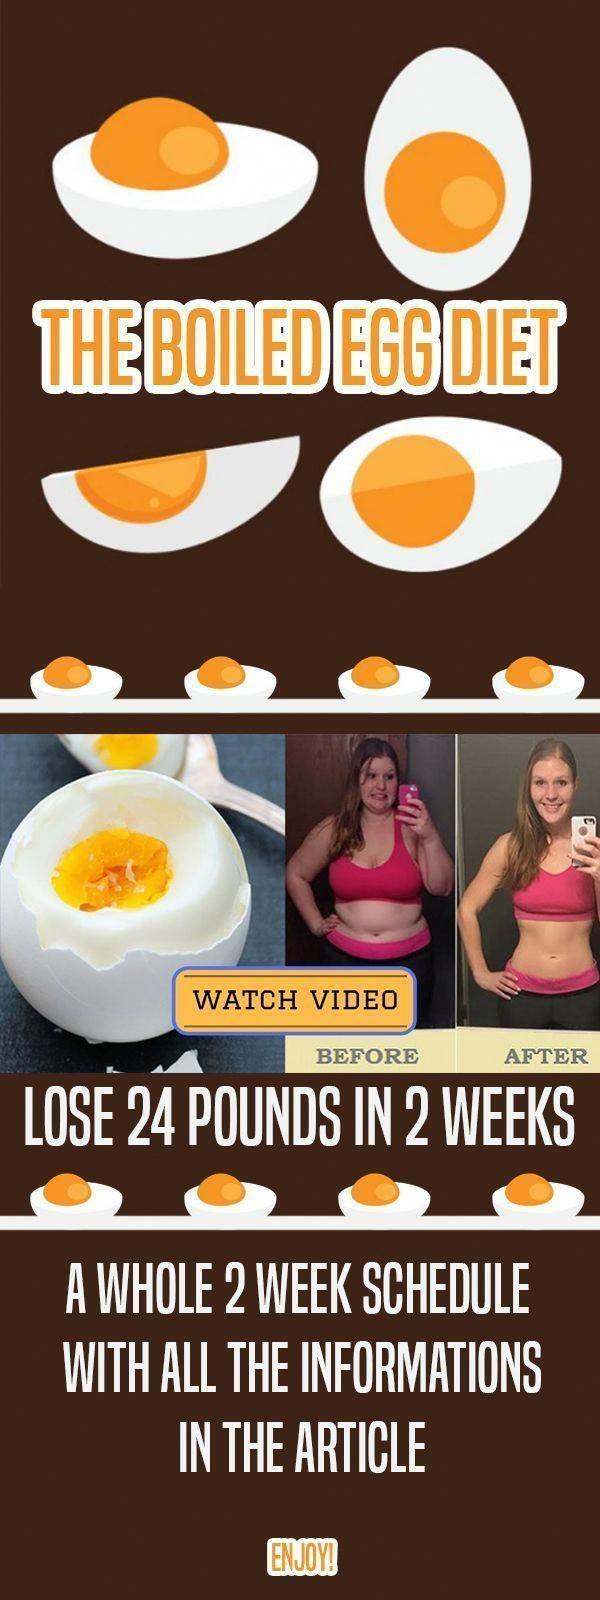 Die Diät mit gekochtem Ei? Lassen Sie 24 Pfund in nur zwei Wochen fallen #TheEggAndGrapefruit... #boiledeggnutrition